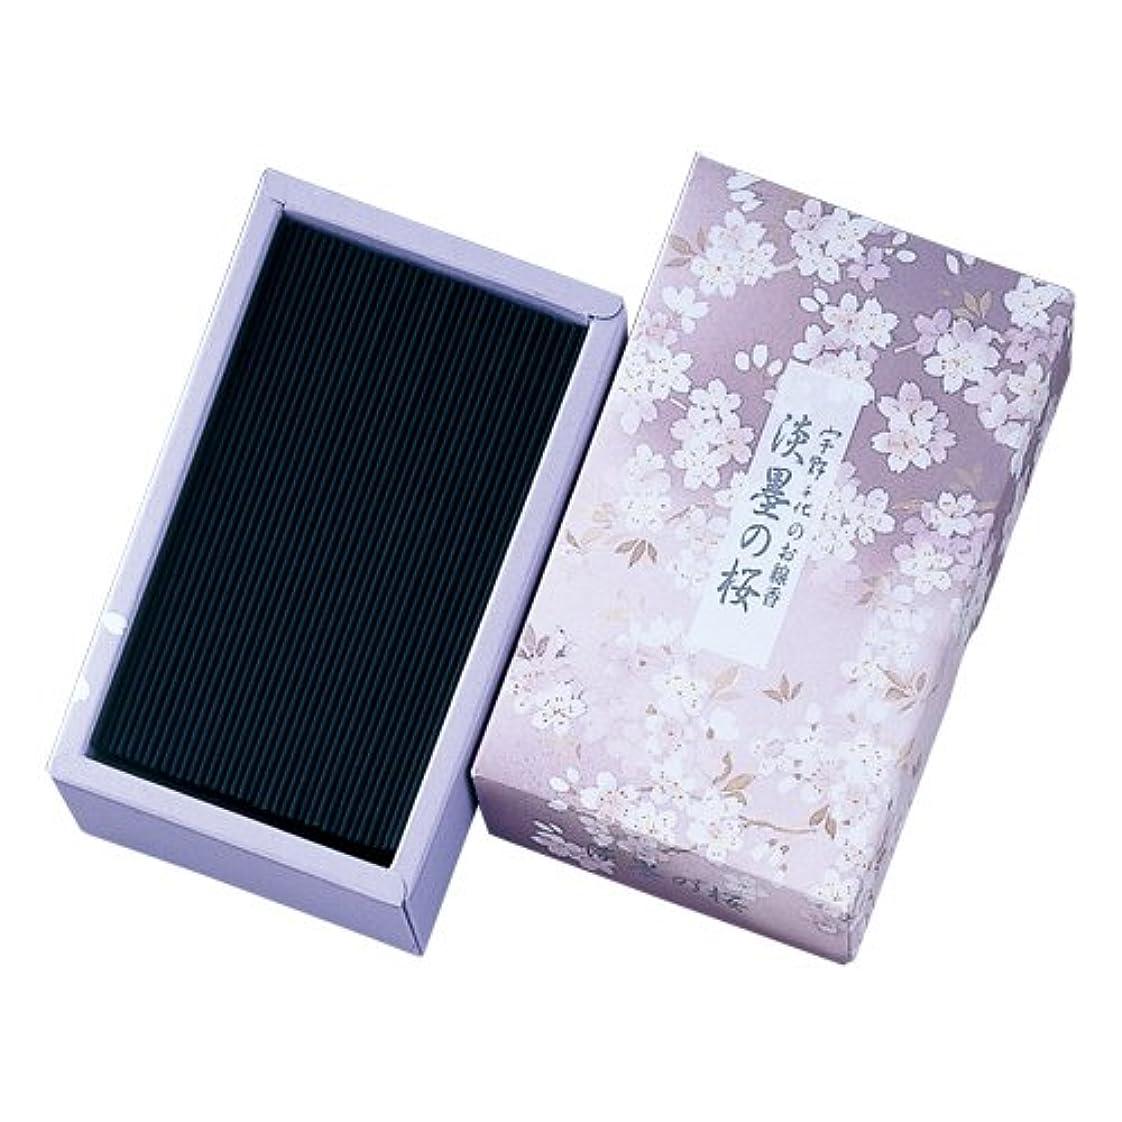 カメラ繁栄する言い直す淡墨の桜バラ詰め × 10個セット